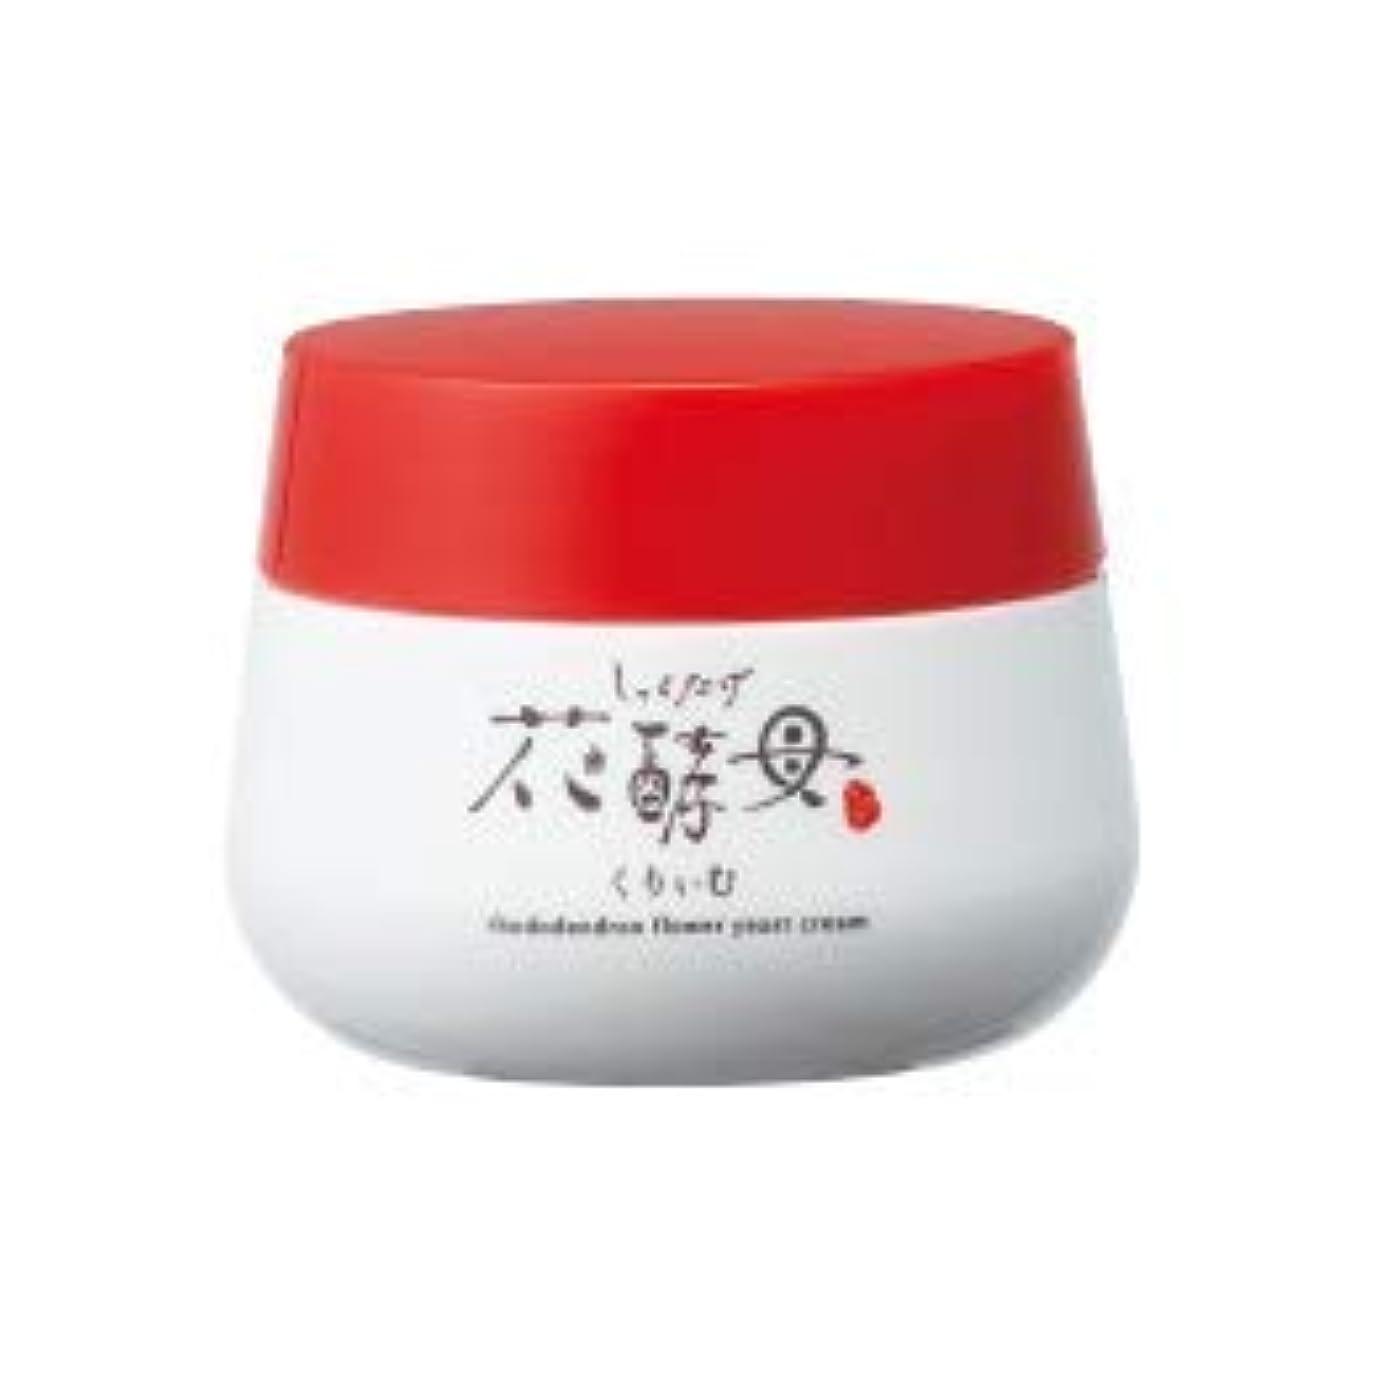 有料ビクターうんざり豆腐の盛田屋 豆花水 しゃくなげ花酵母くりぃむ 30g